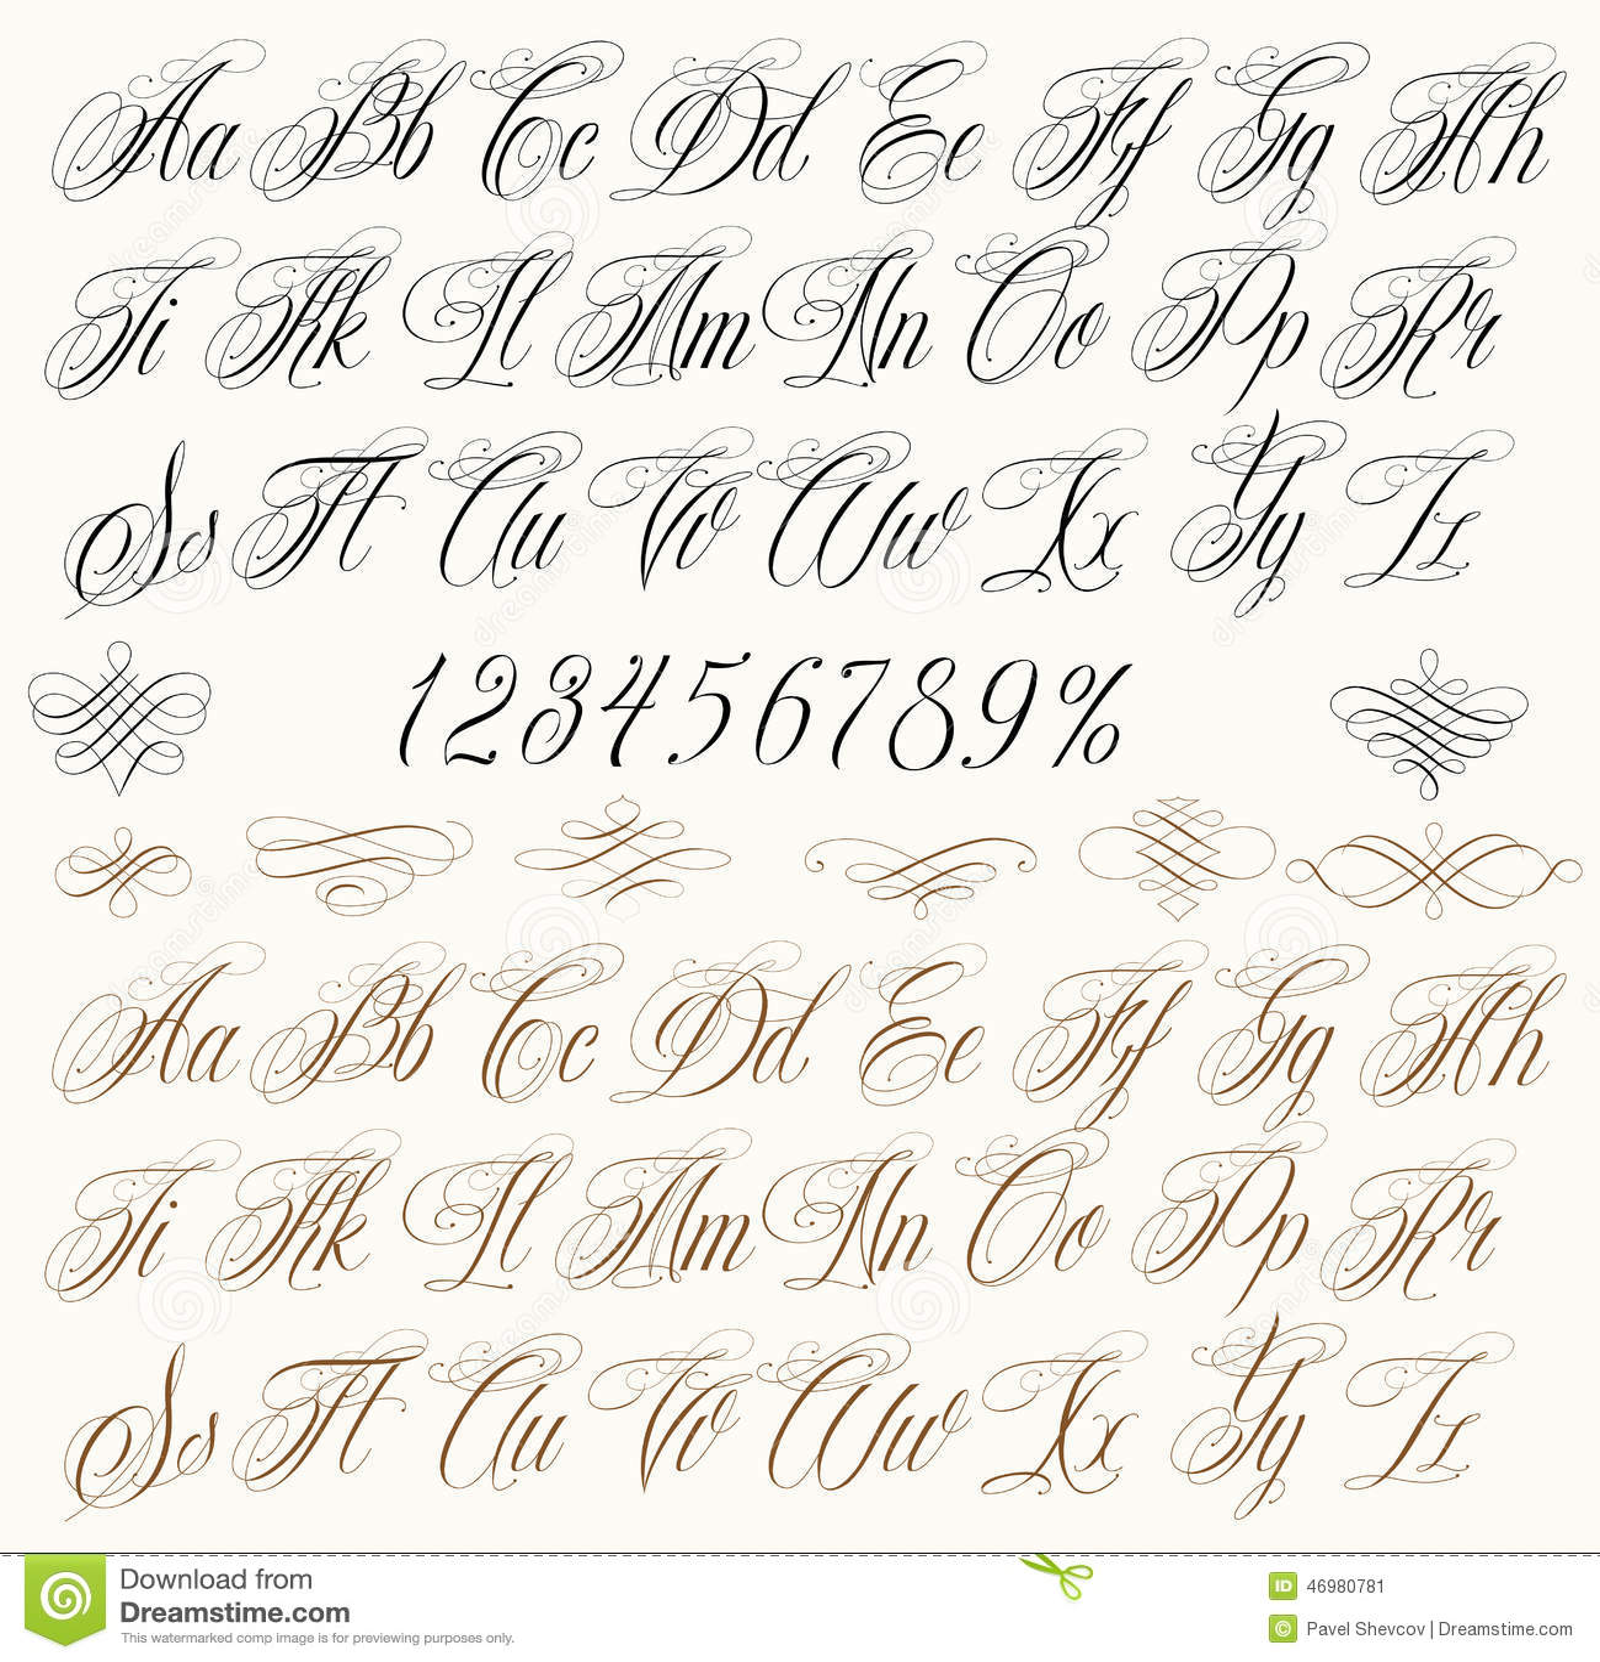 Fantastique Lettres de tatouage illustration de vecteur. Illustration du MM-98